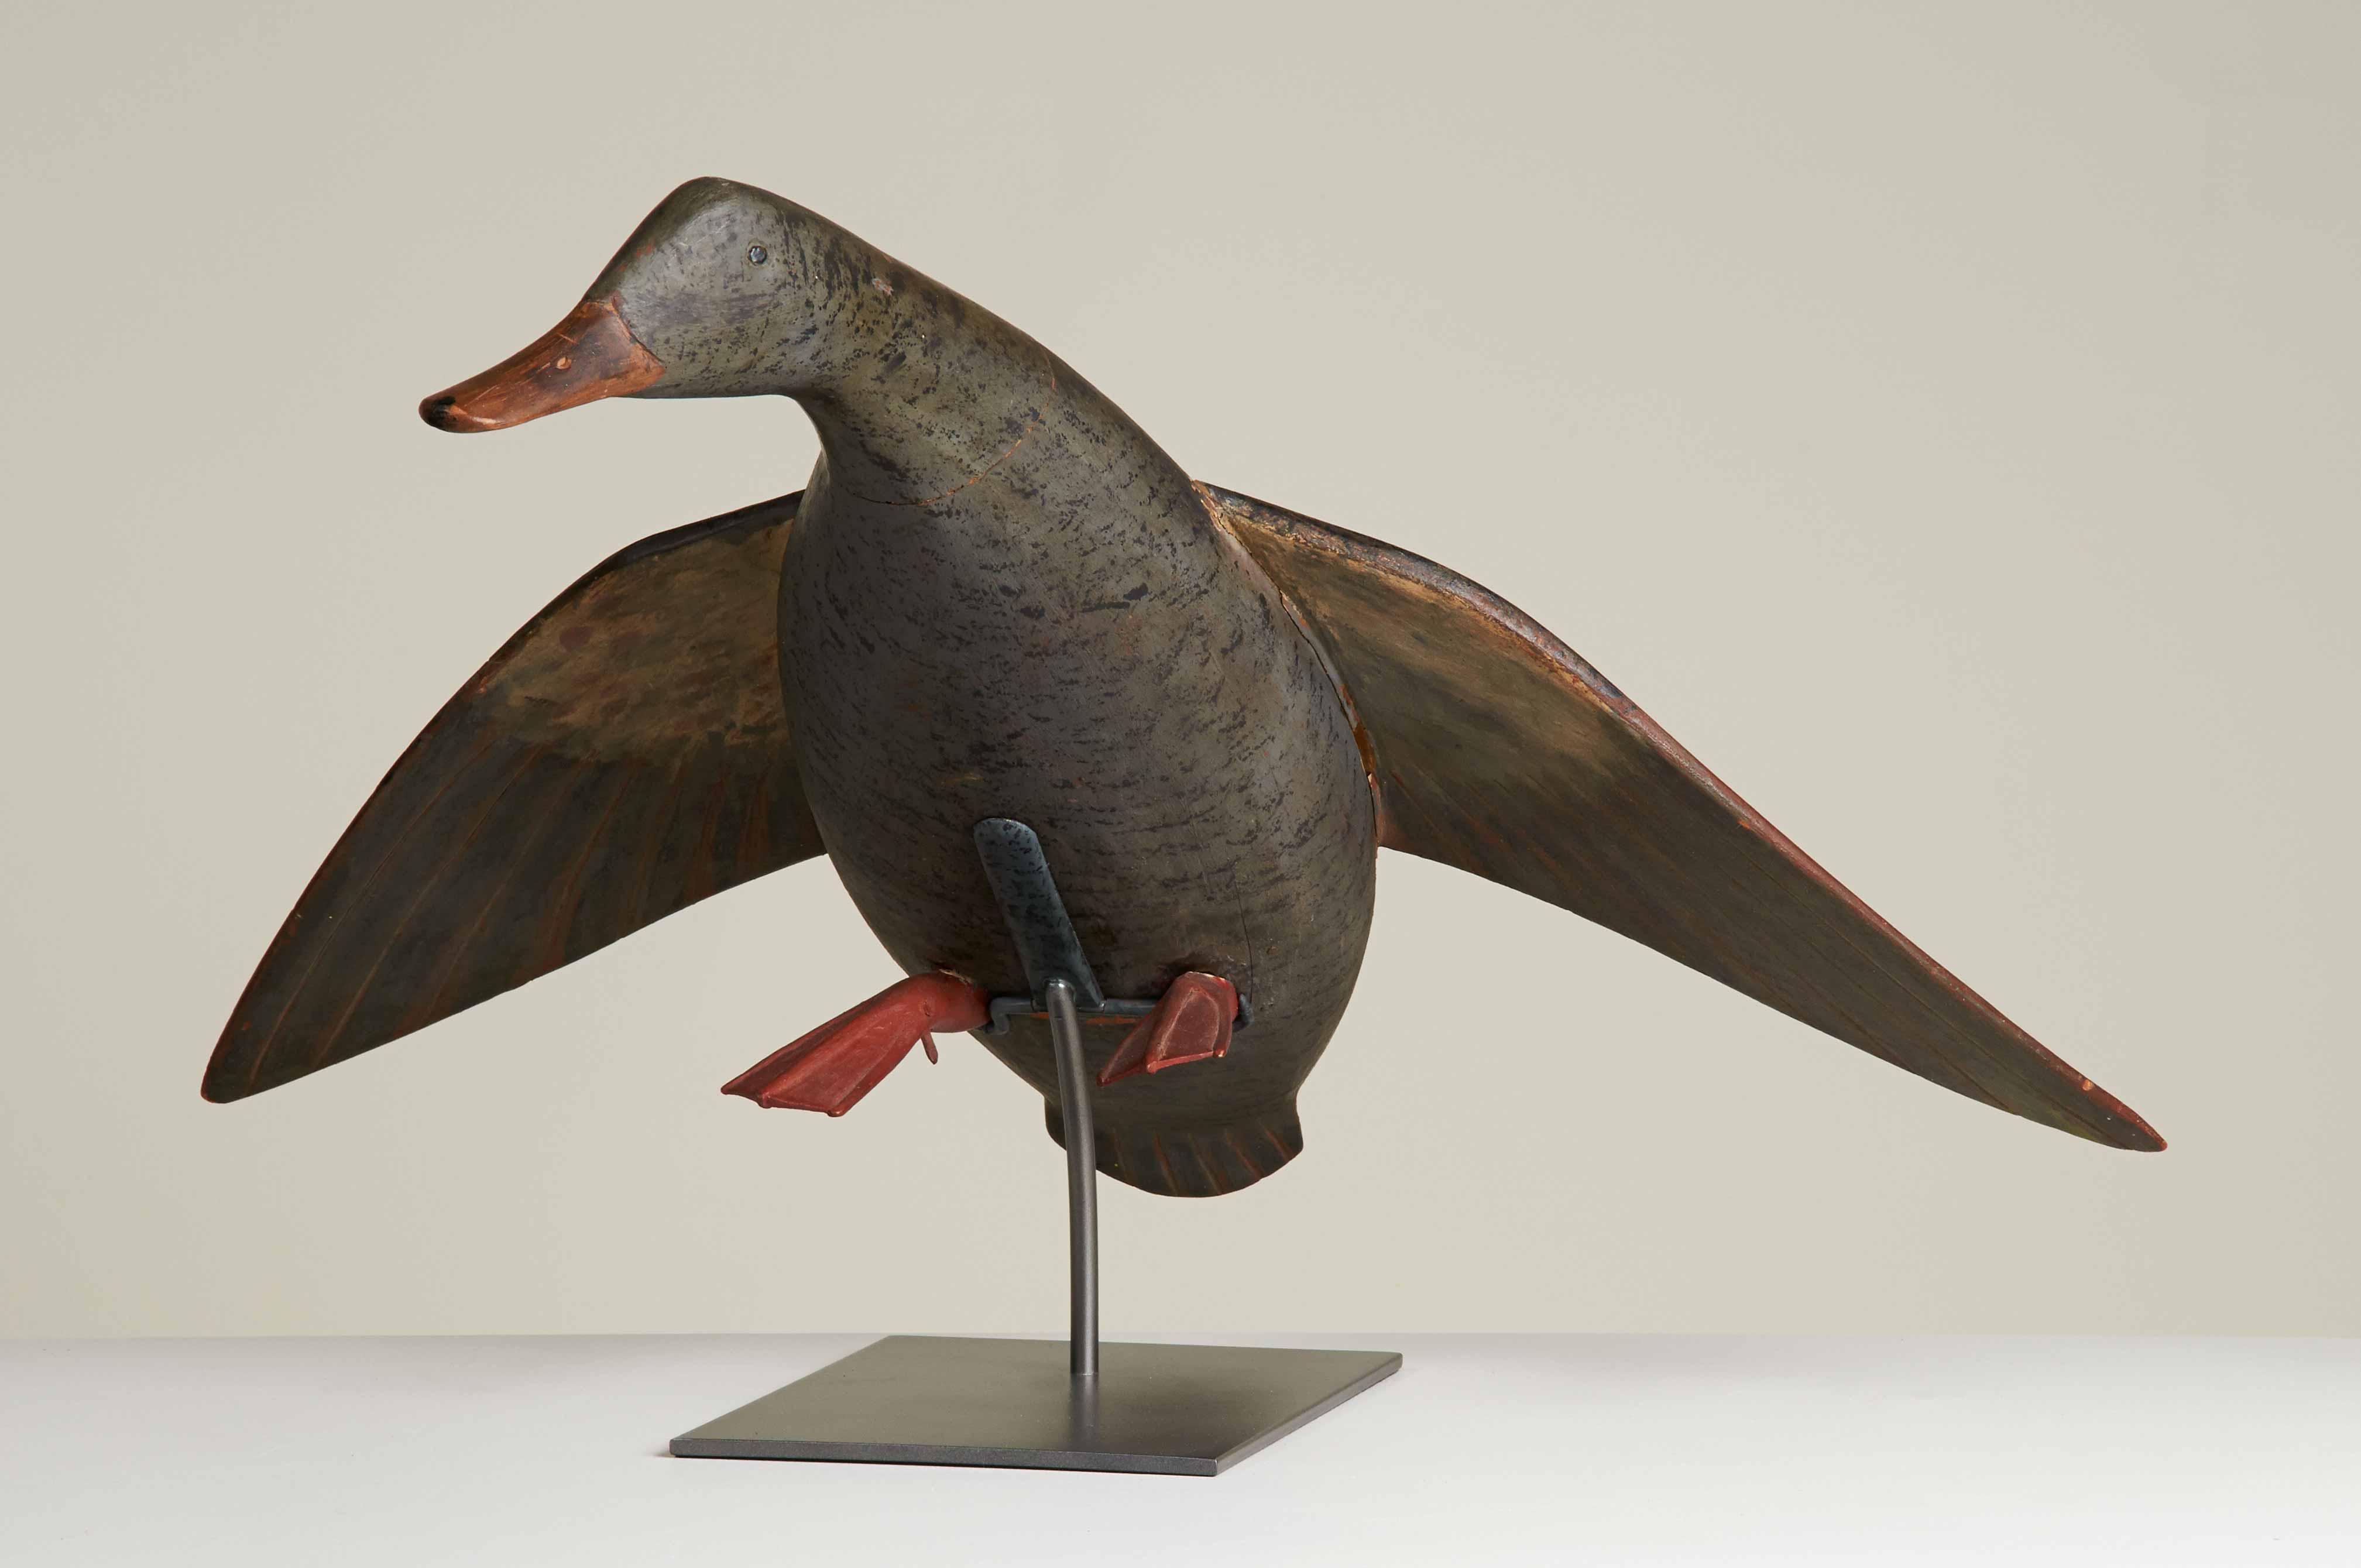 antique carved duck decoy rel=